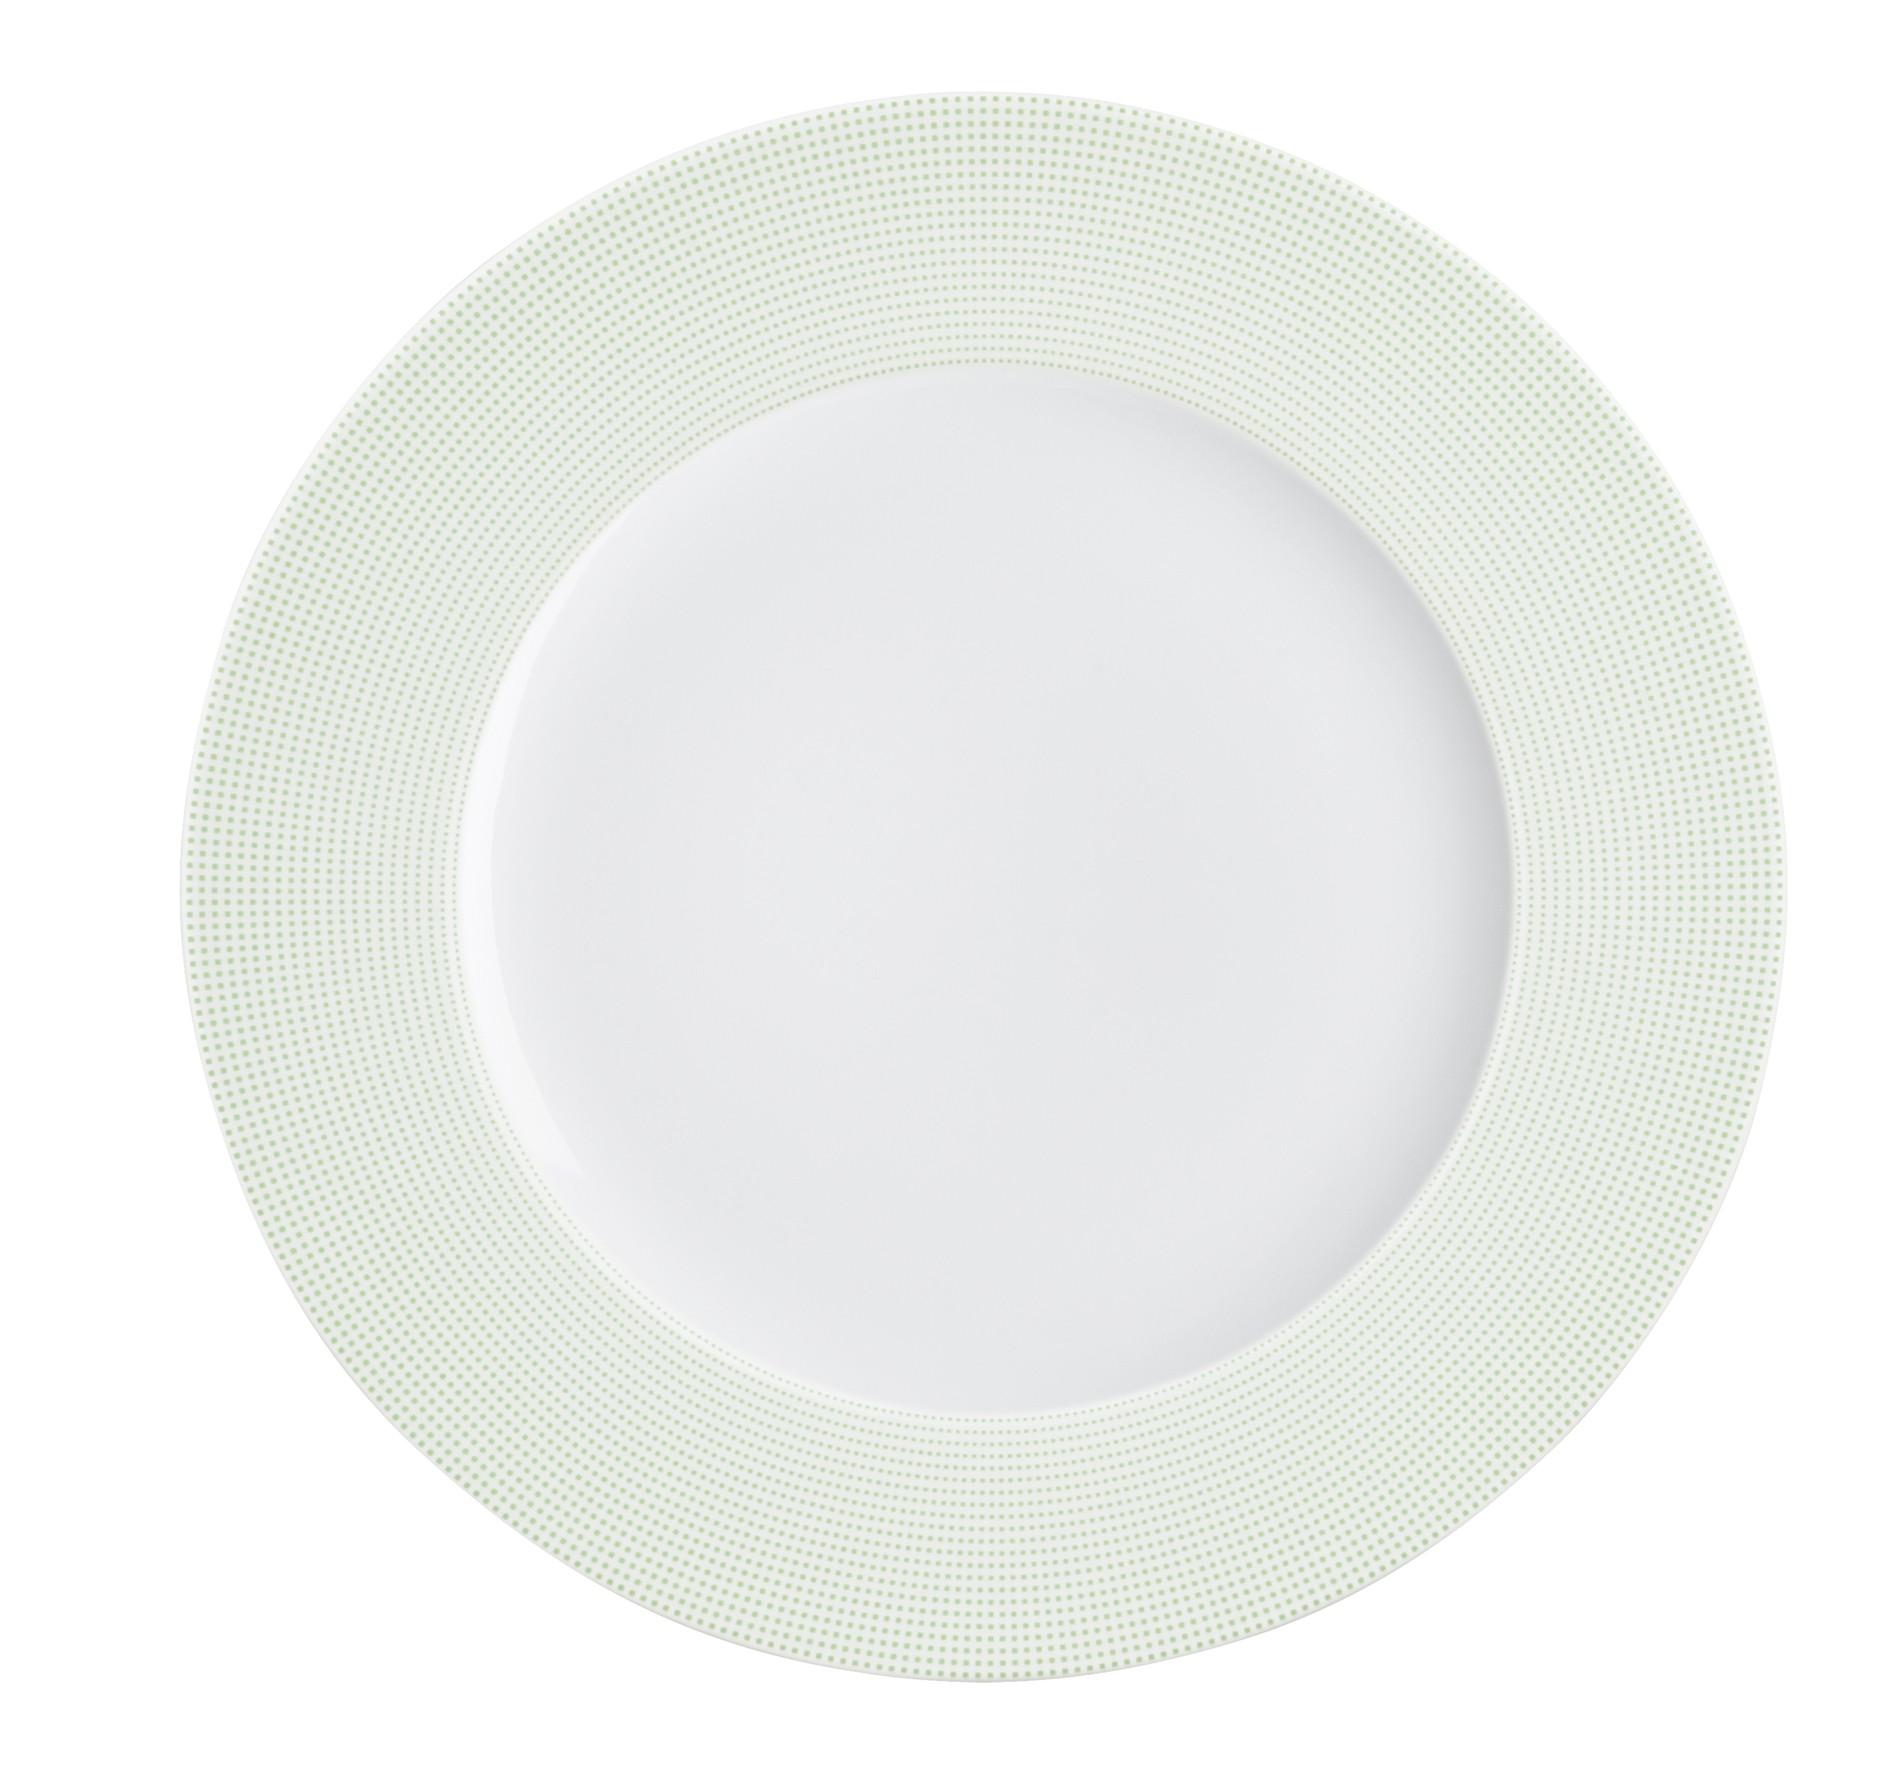 Πιάτο Ρηχό Σετ 6Τμχ Punto Green 27cm Ionia home   ειδη σερβιρισματος   πιάτα